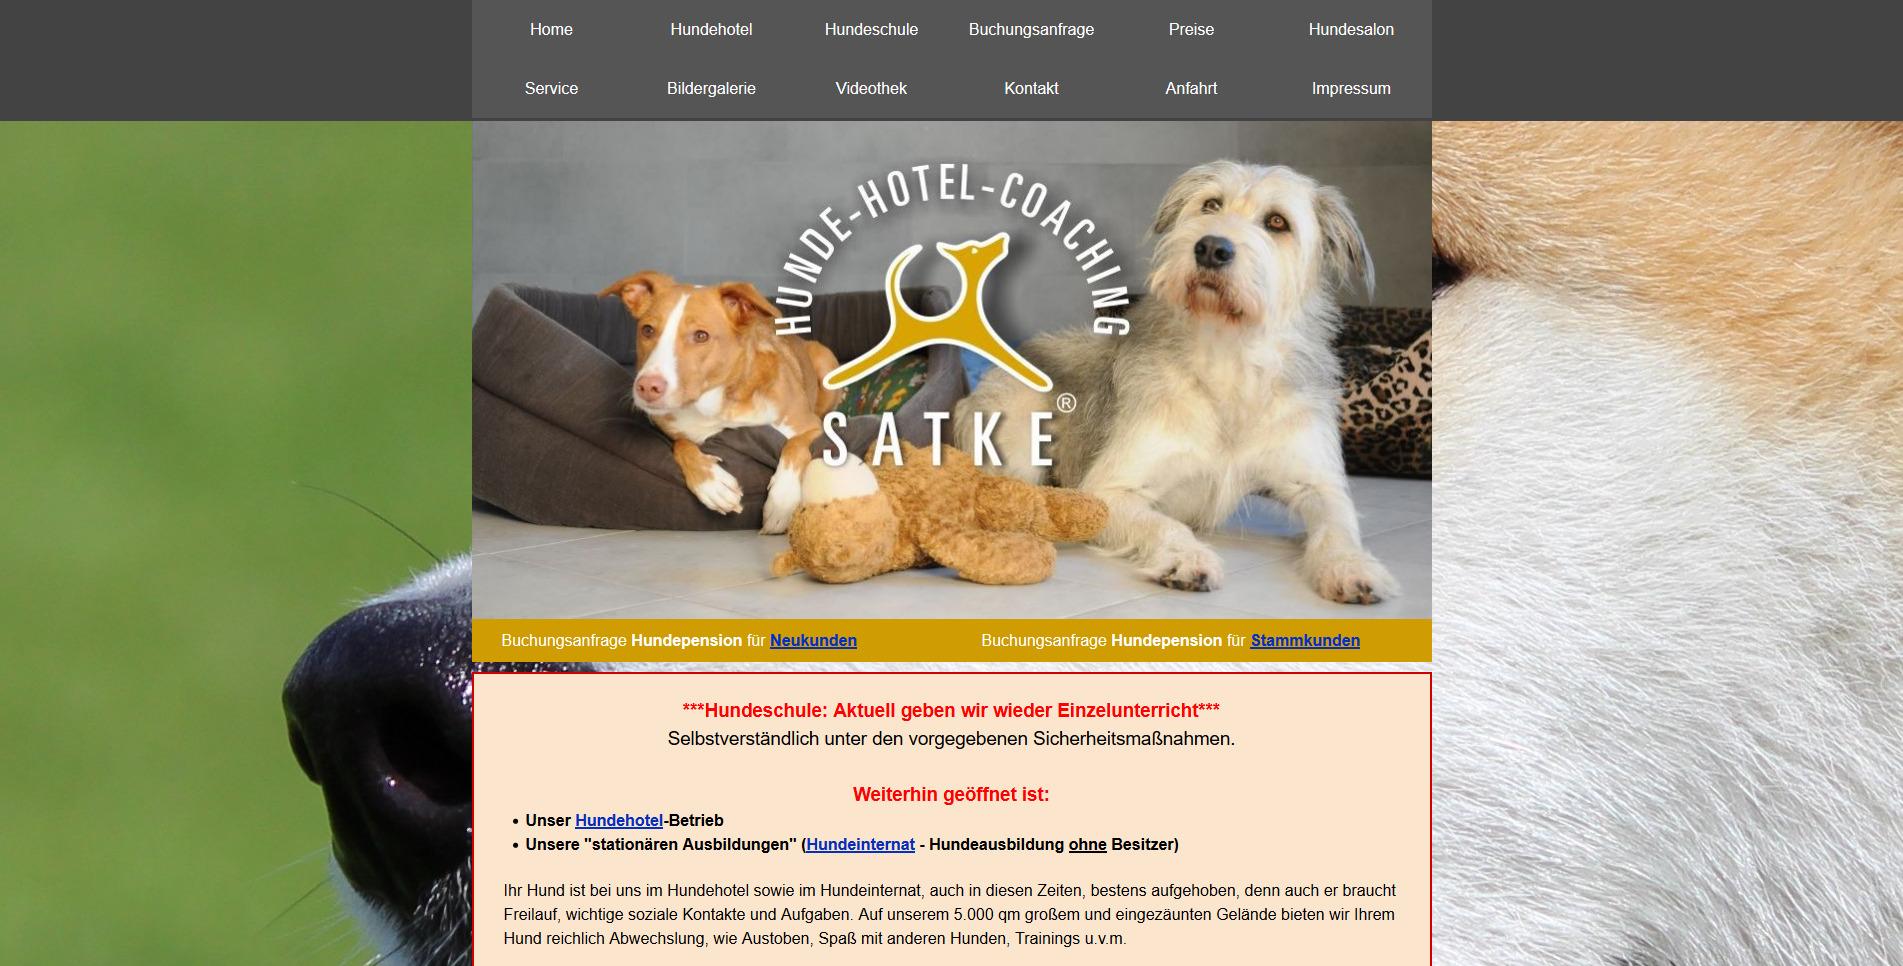 Hundehotel Satke